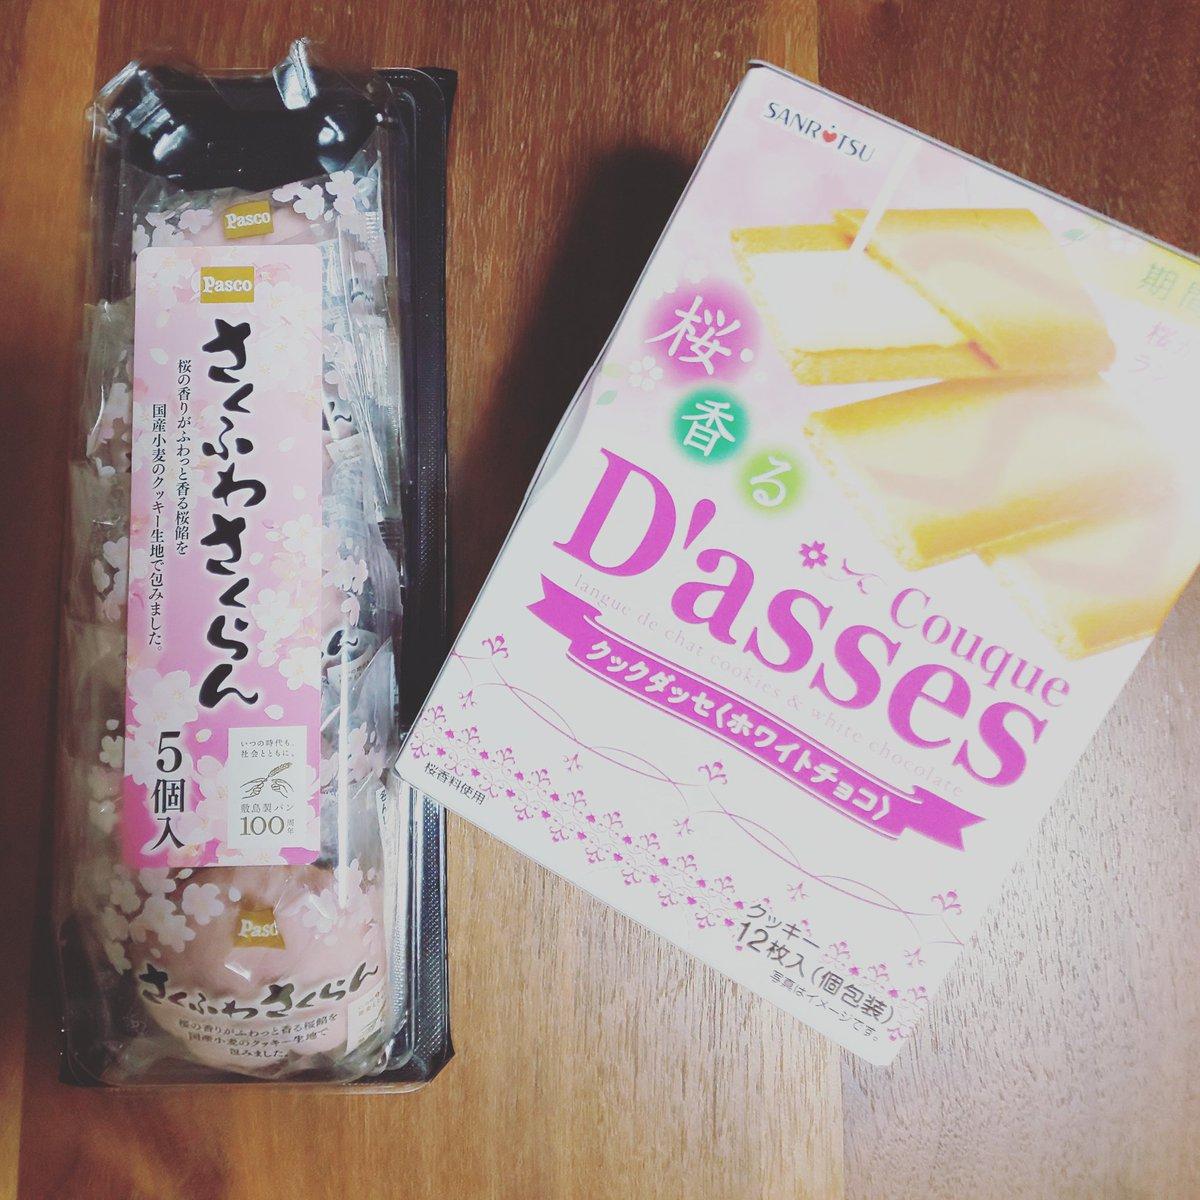 季節到来🌸 #桜狩り #桜のお菓子 #桜スイーツ #春限定🌸